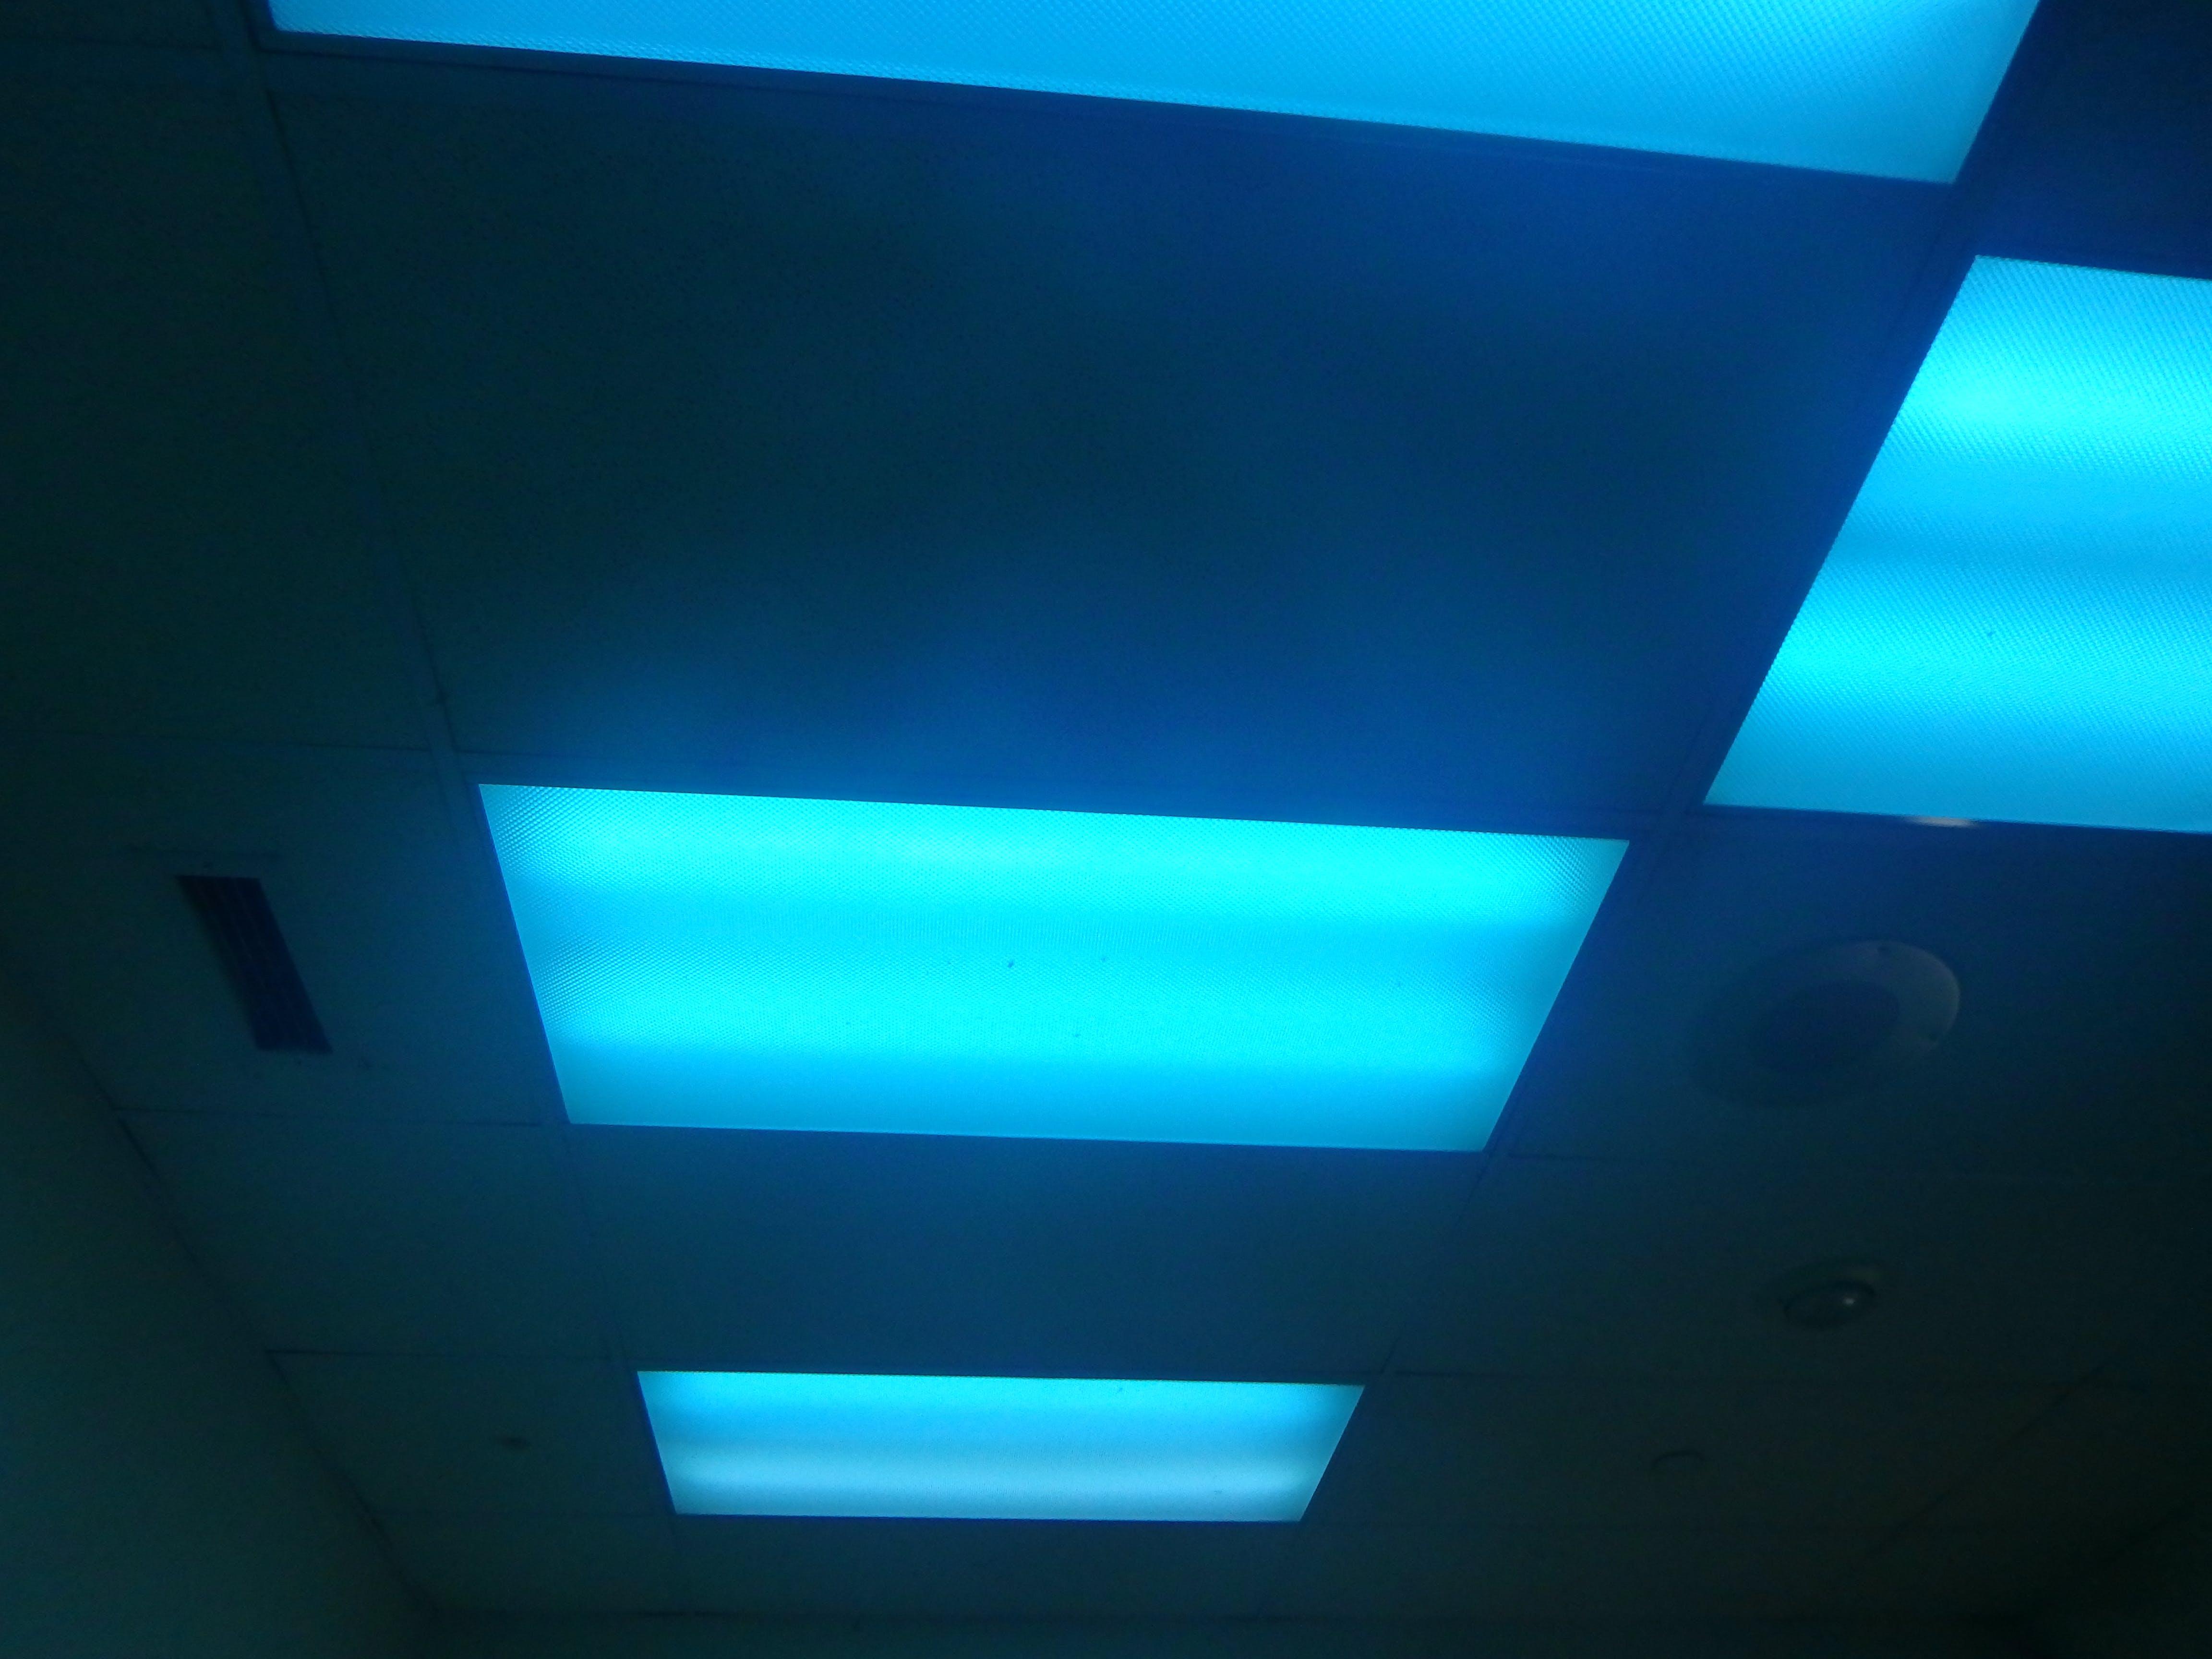 lighting blue lights anaheim endless